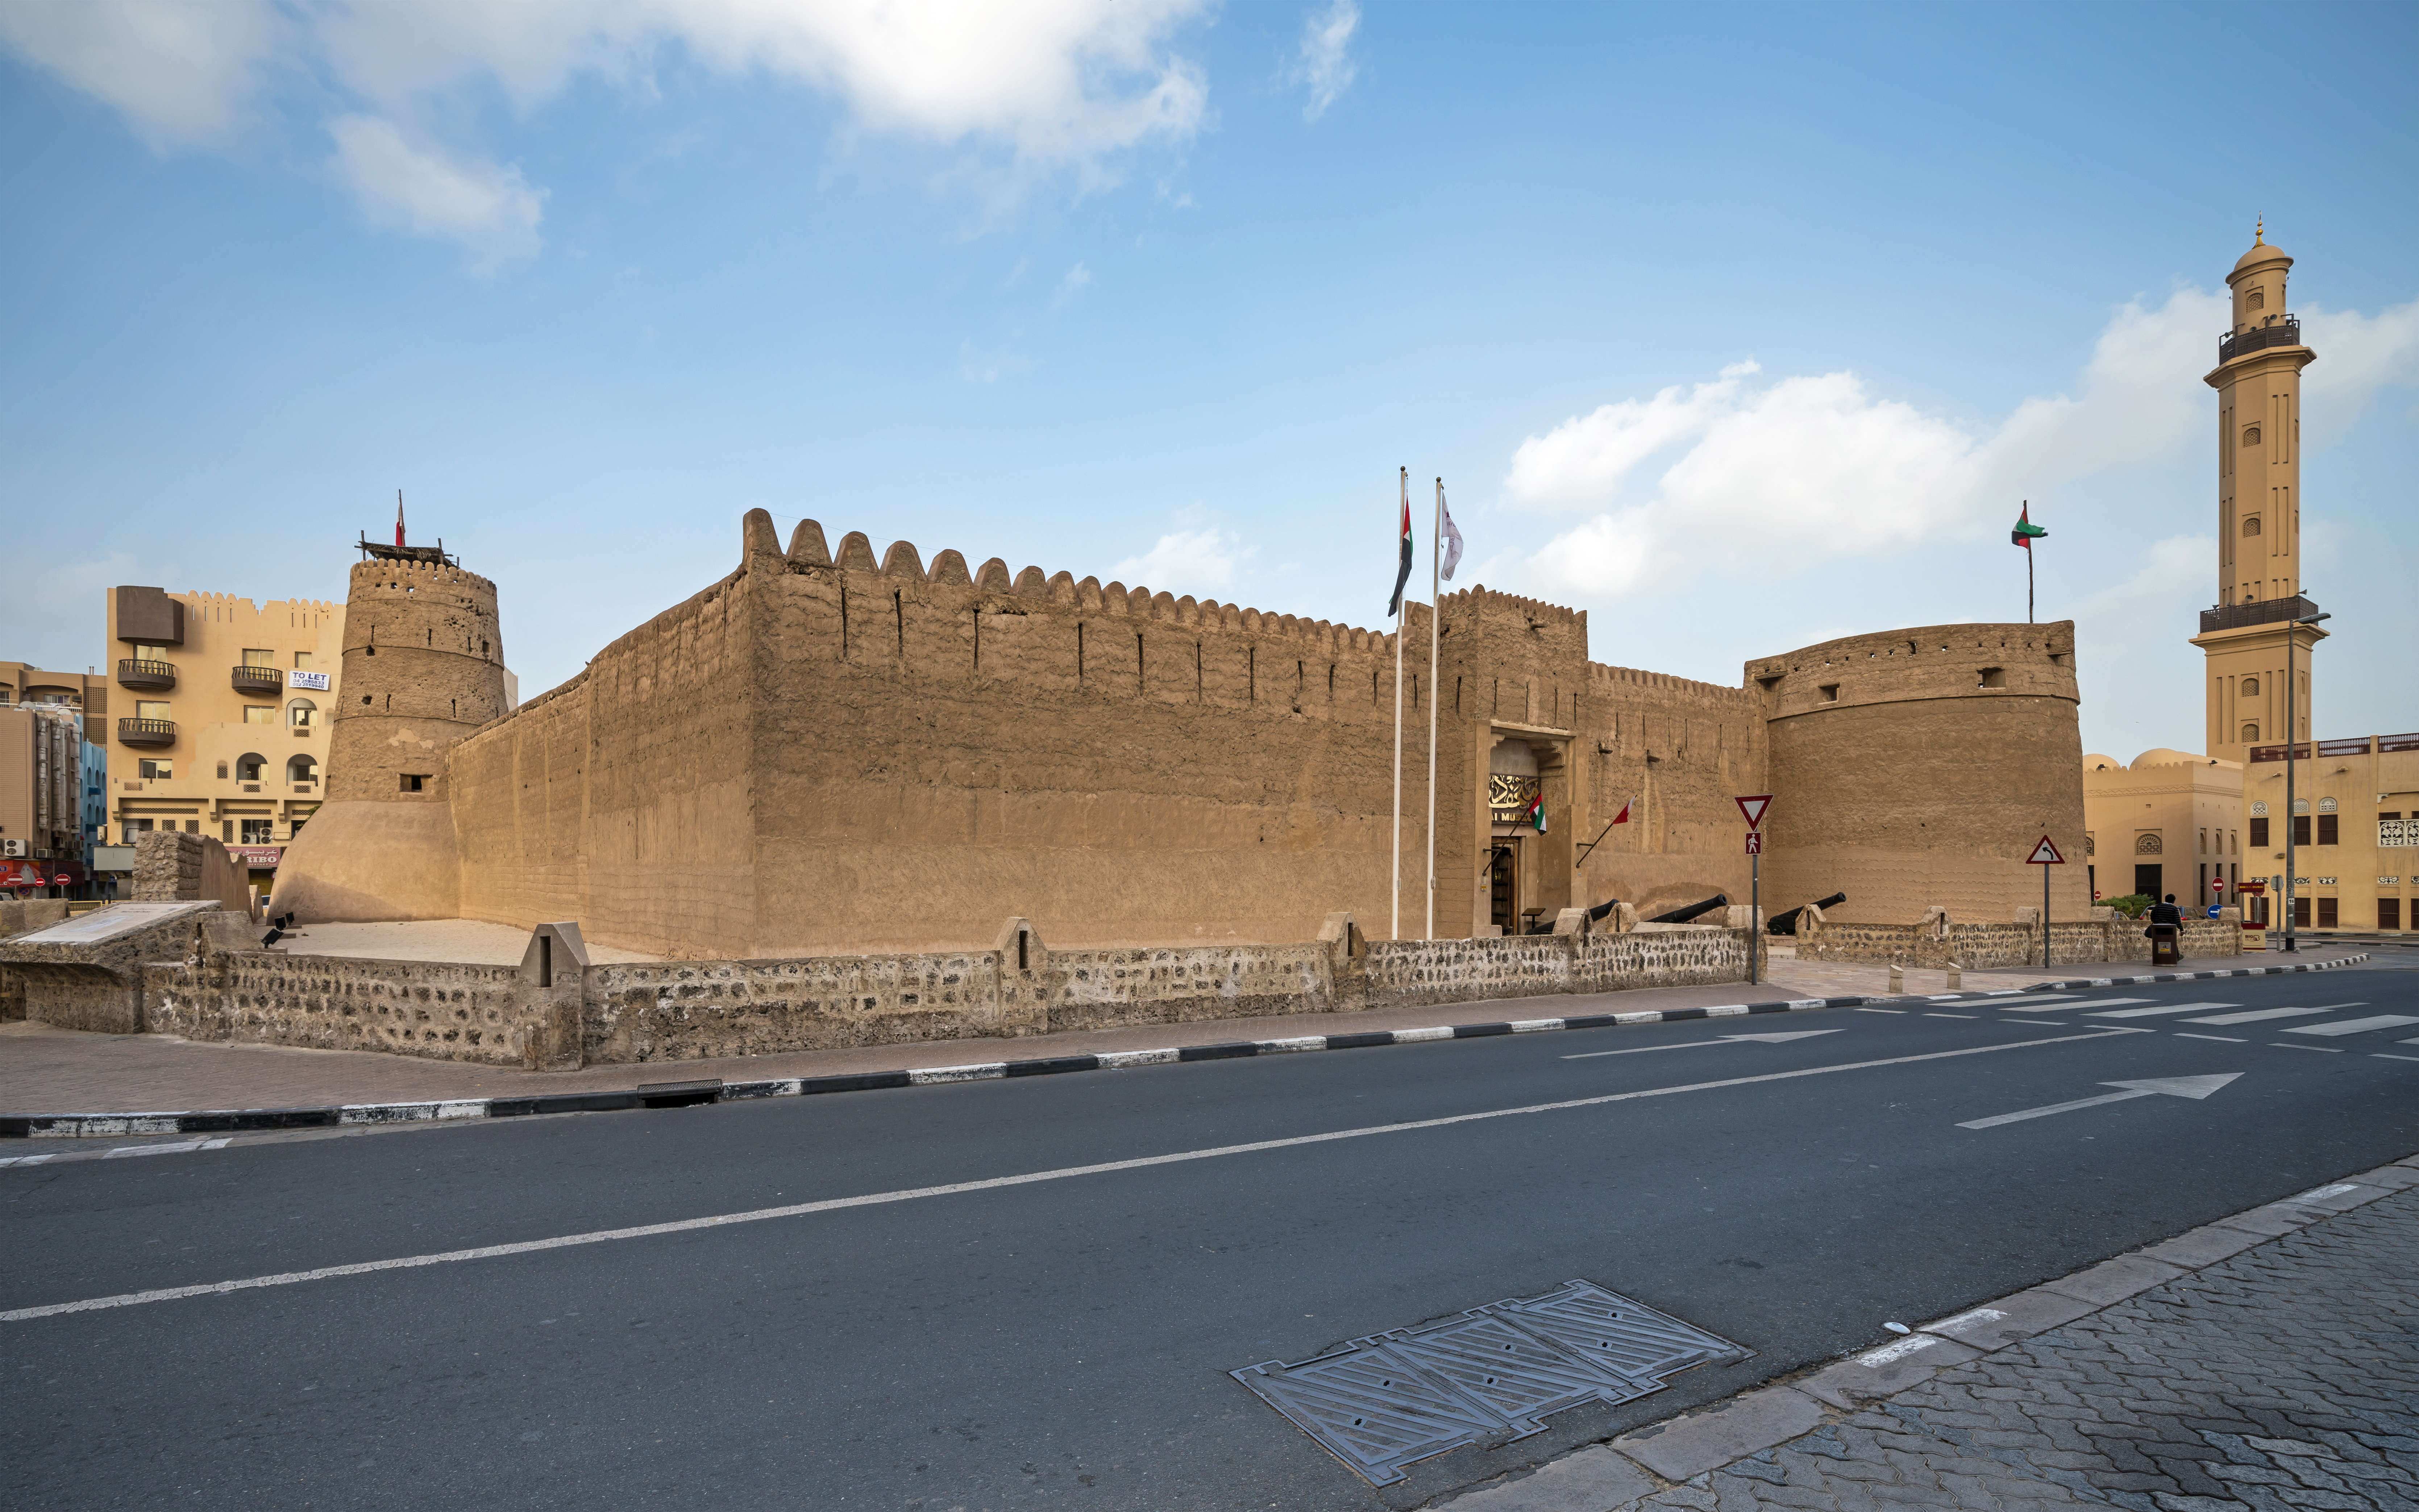 Музей аль фахиди дубай купить дом во франции дешево